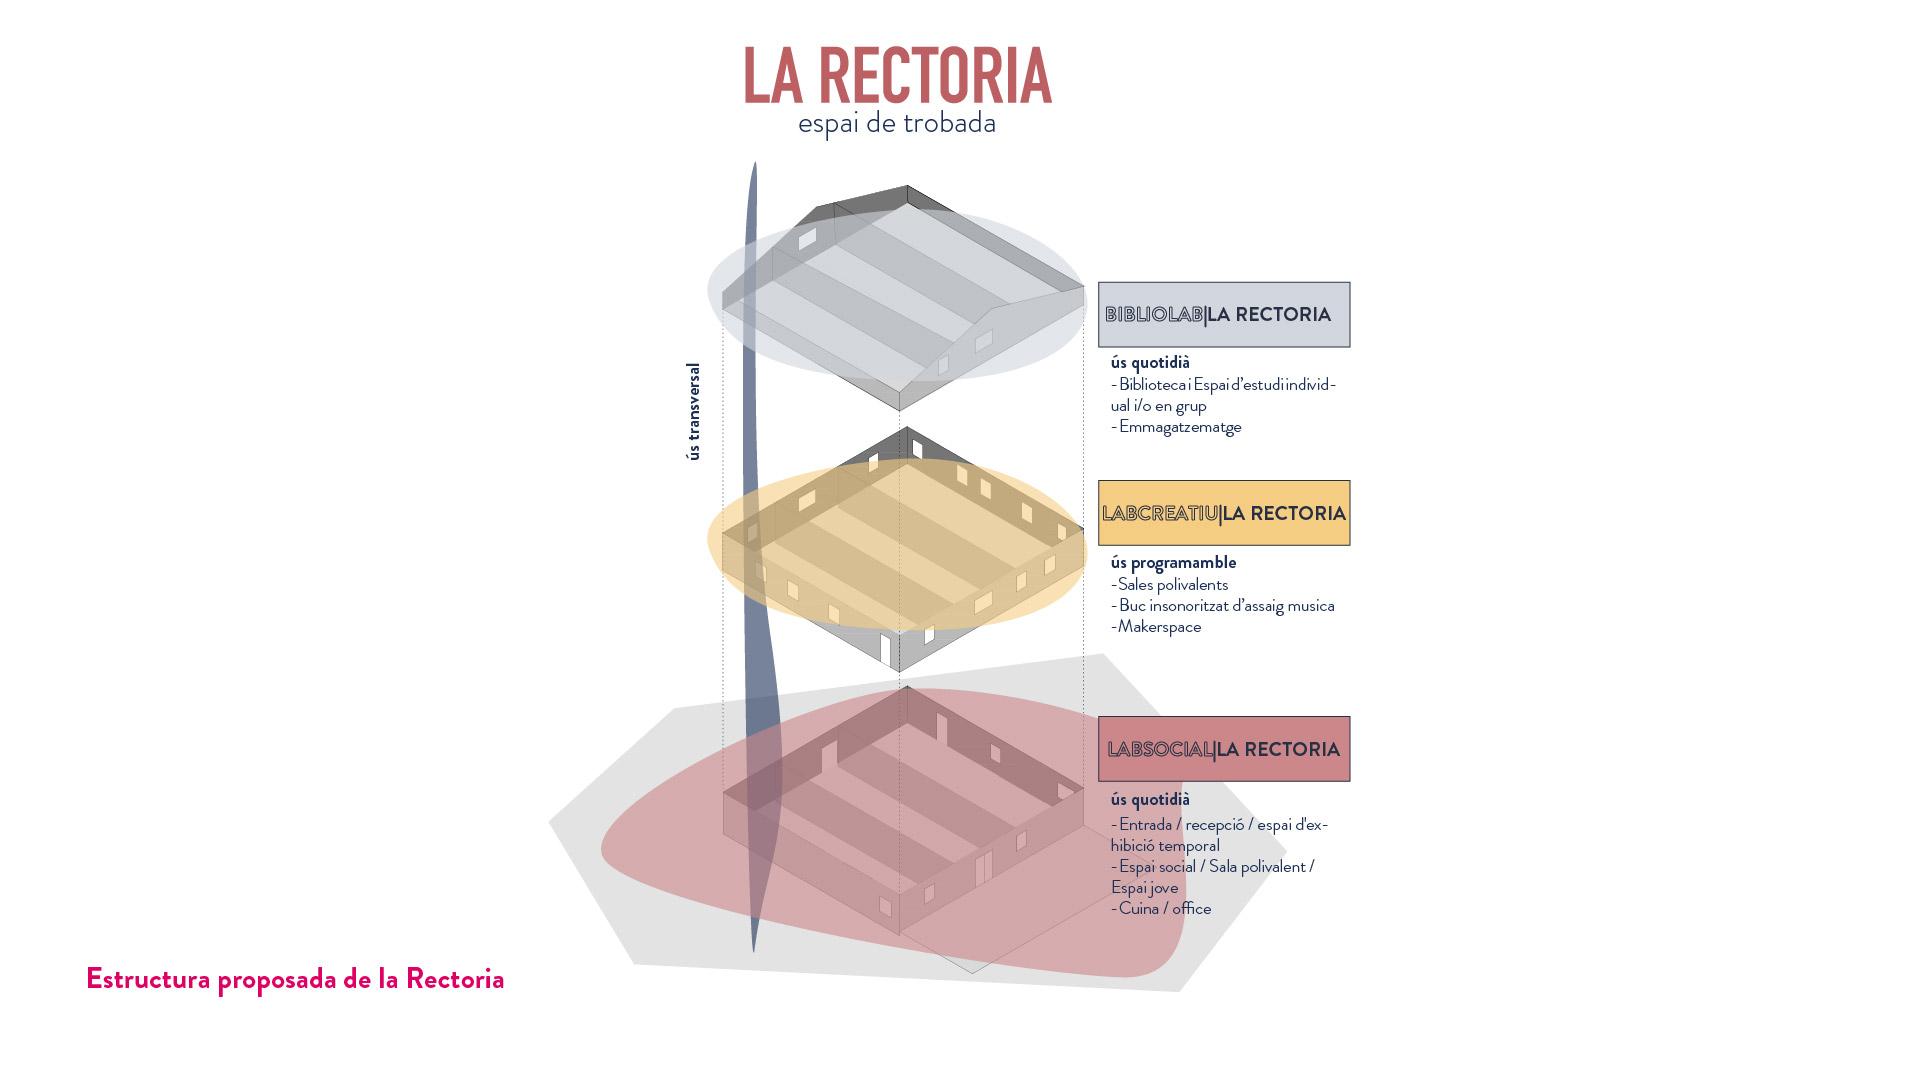 PE2005_CS_Estructura proposada de la Rectoria